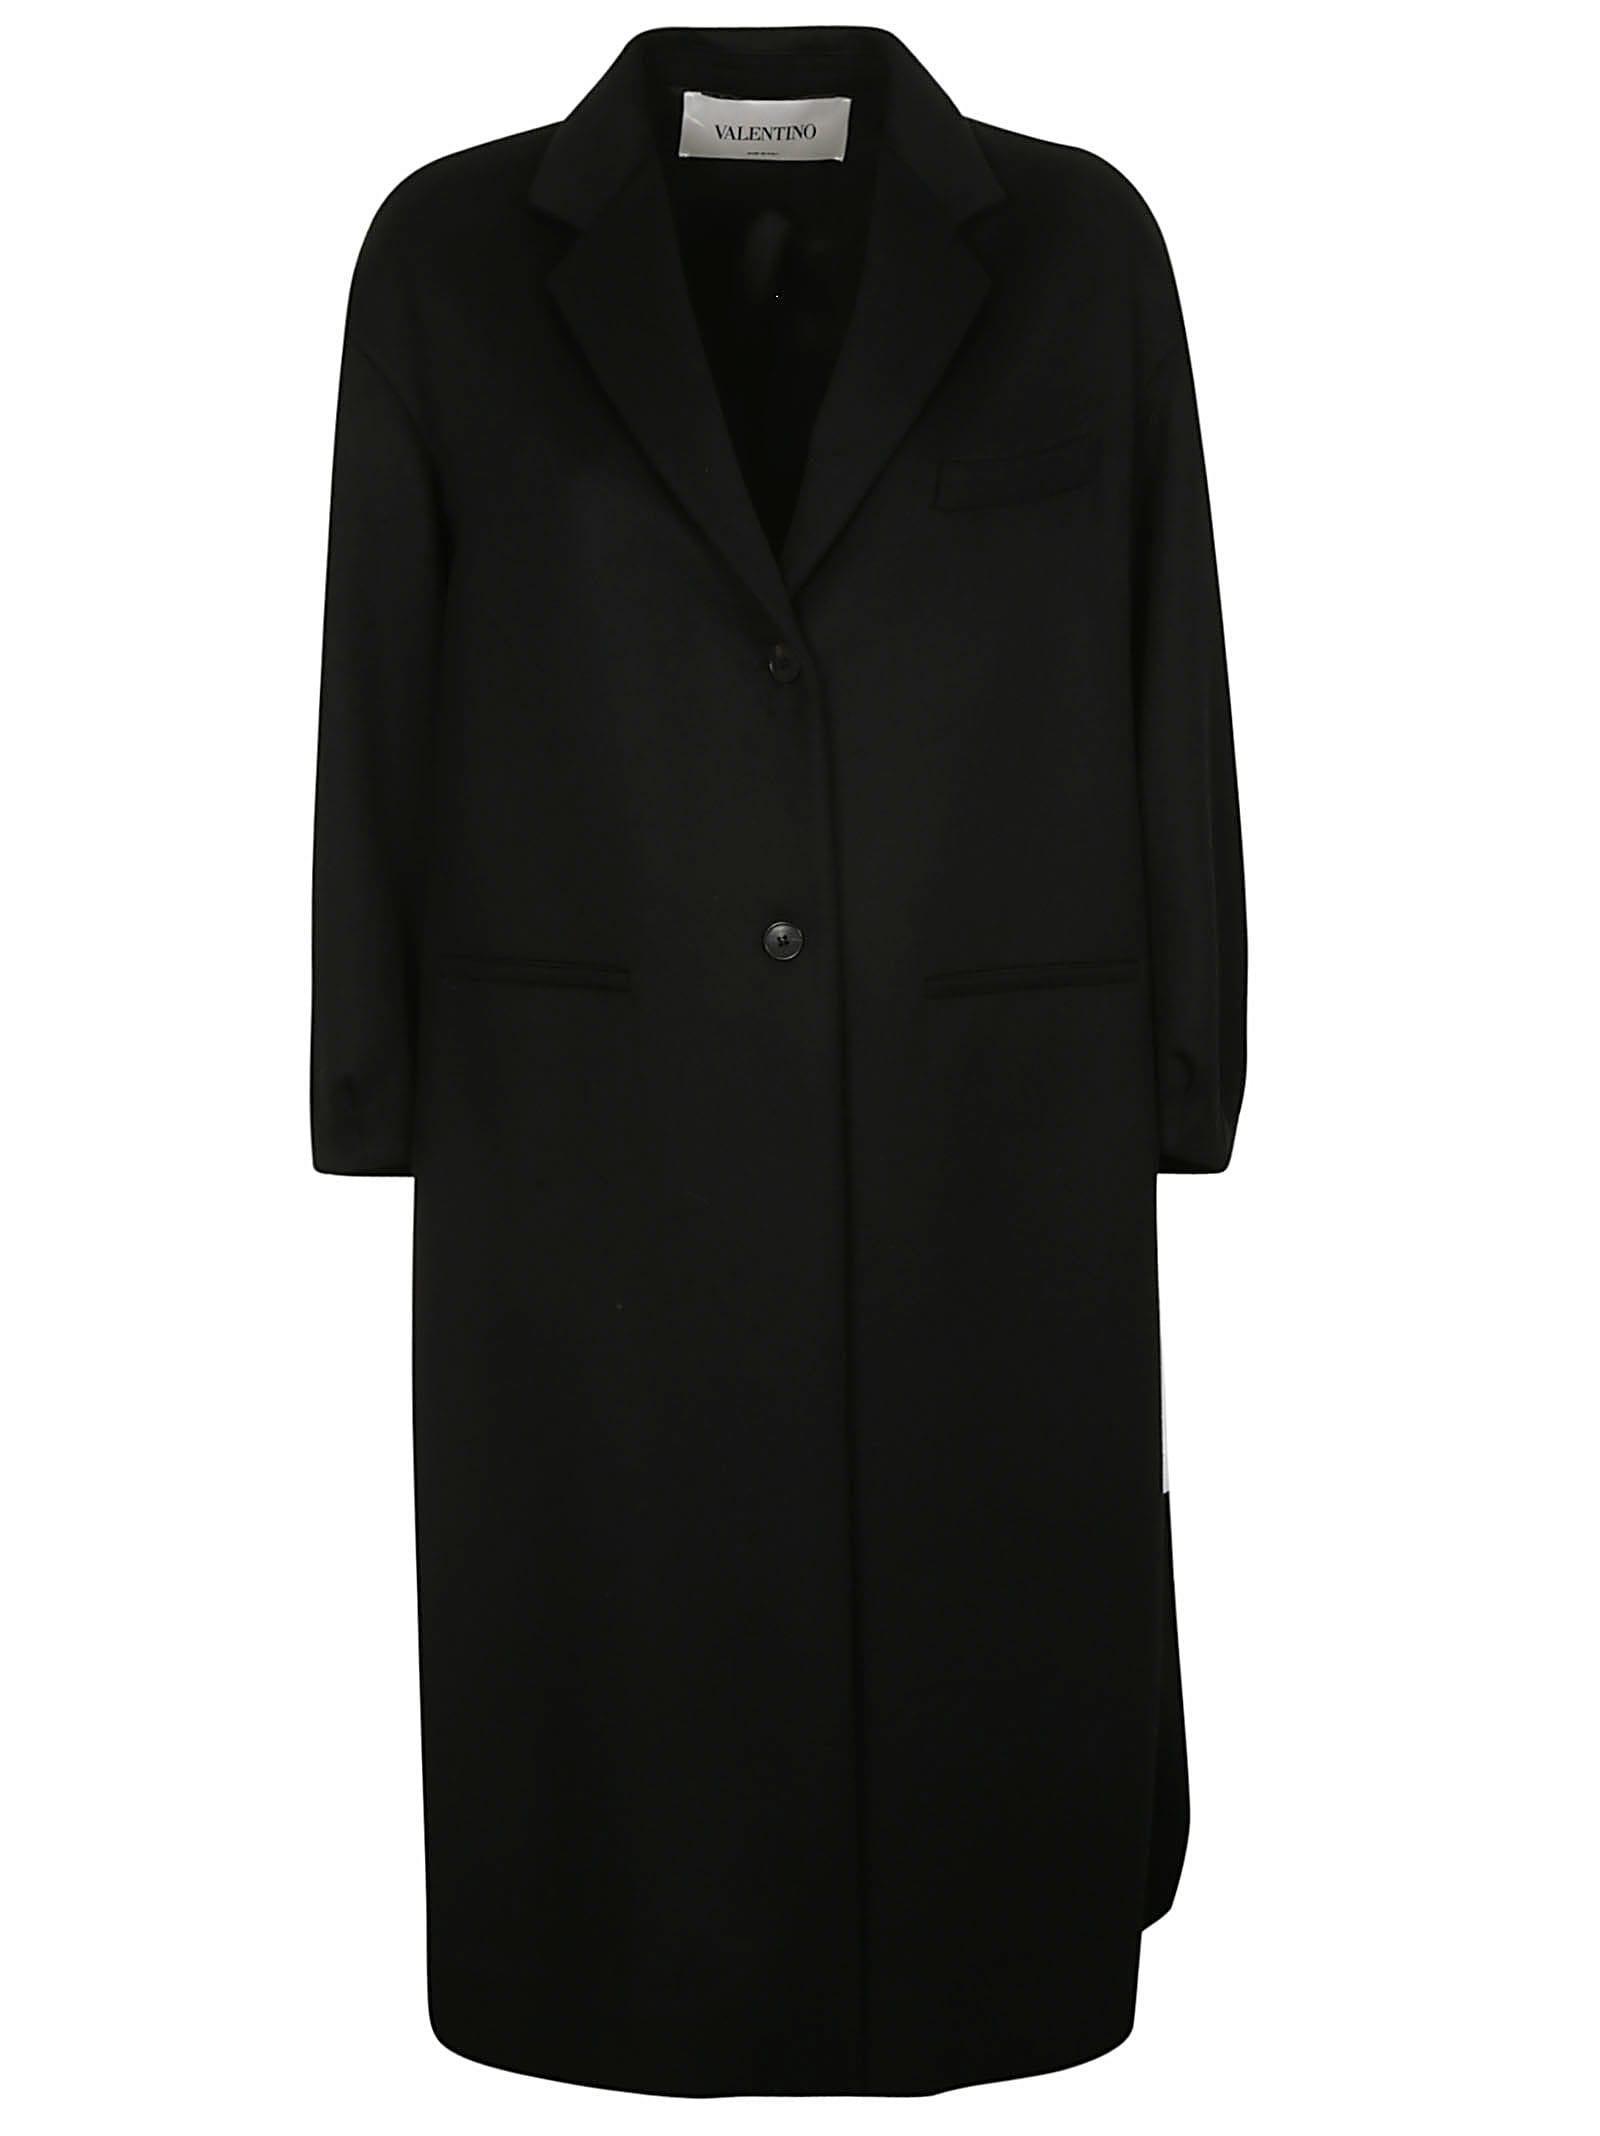 Valentino Buttoned Coat